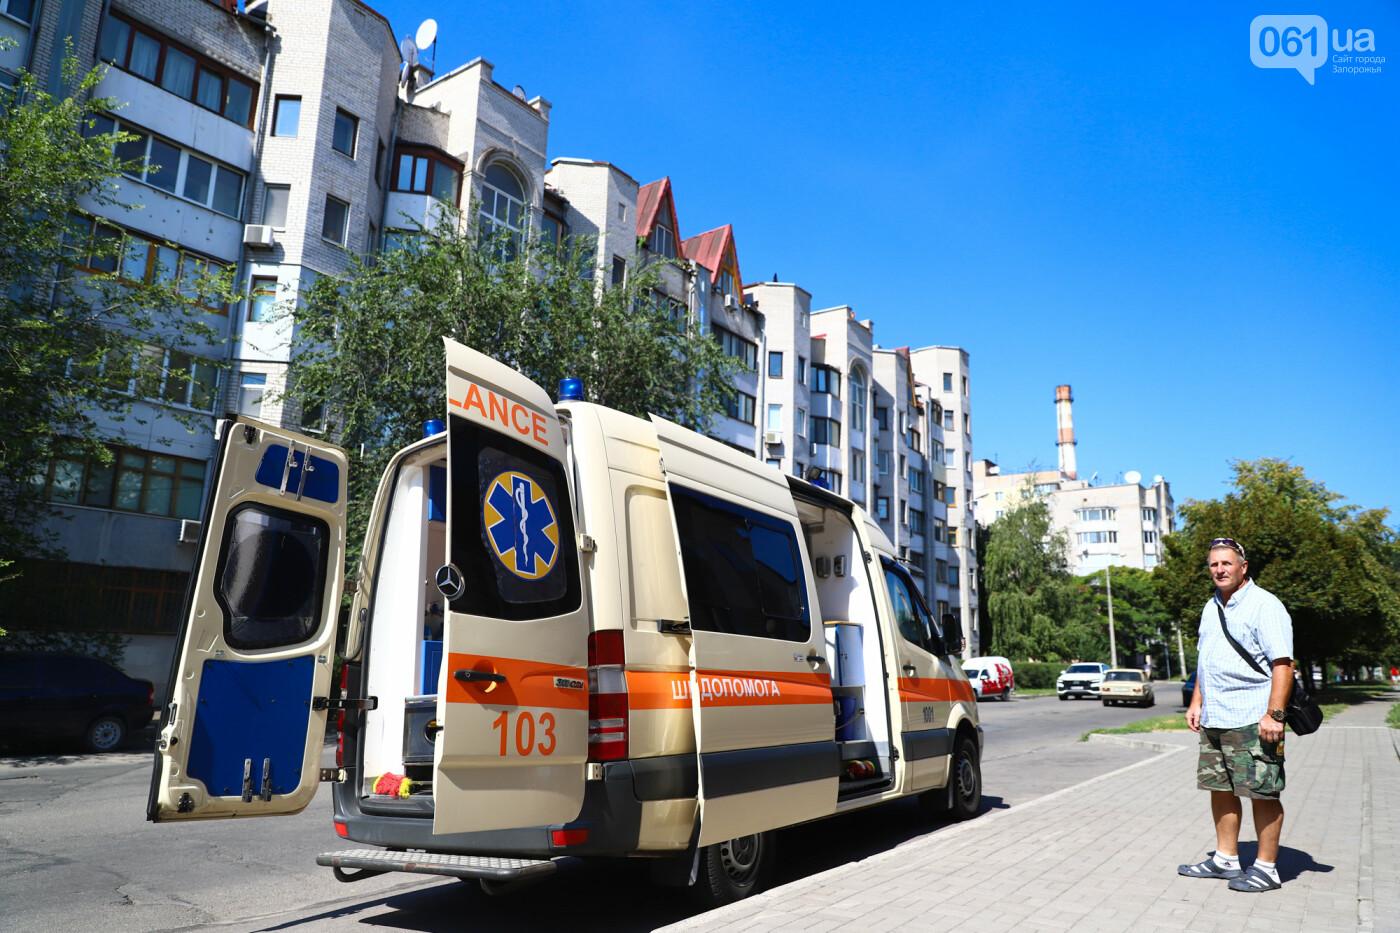 Запорожские медики скорой помощи получили транспортный аппарат ИВЛ стоимостью 200 тысяч гривен, - ФОТО, фото-4